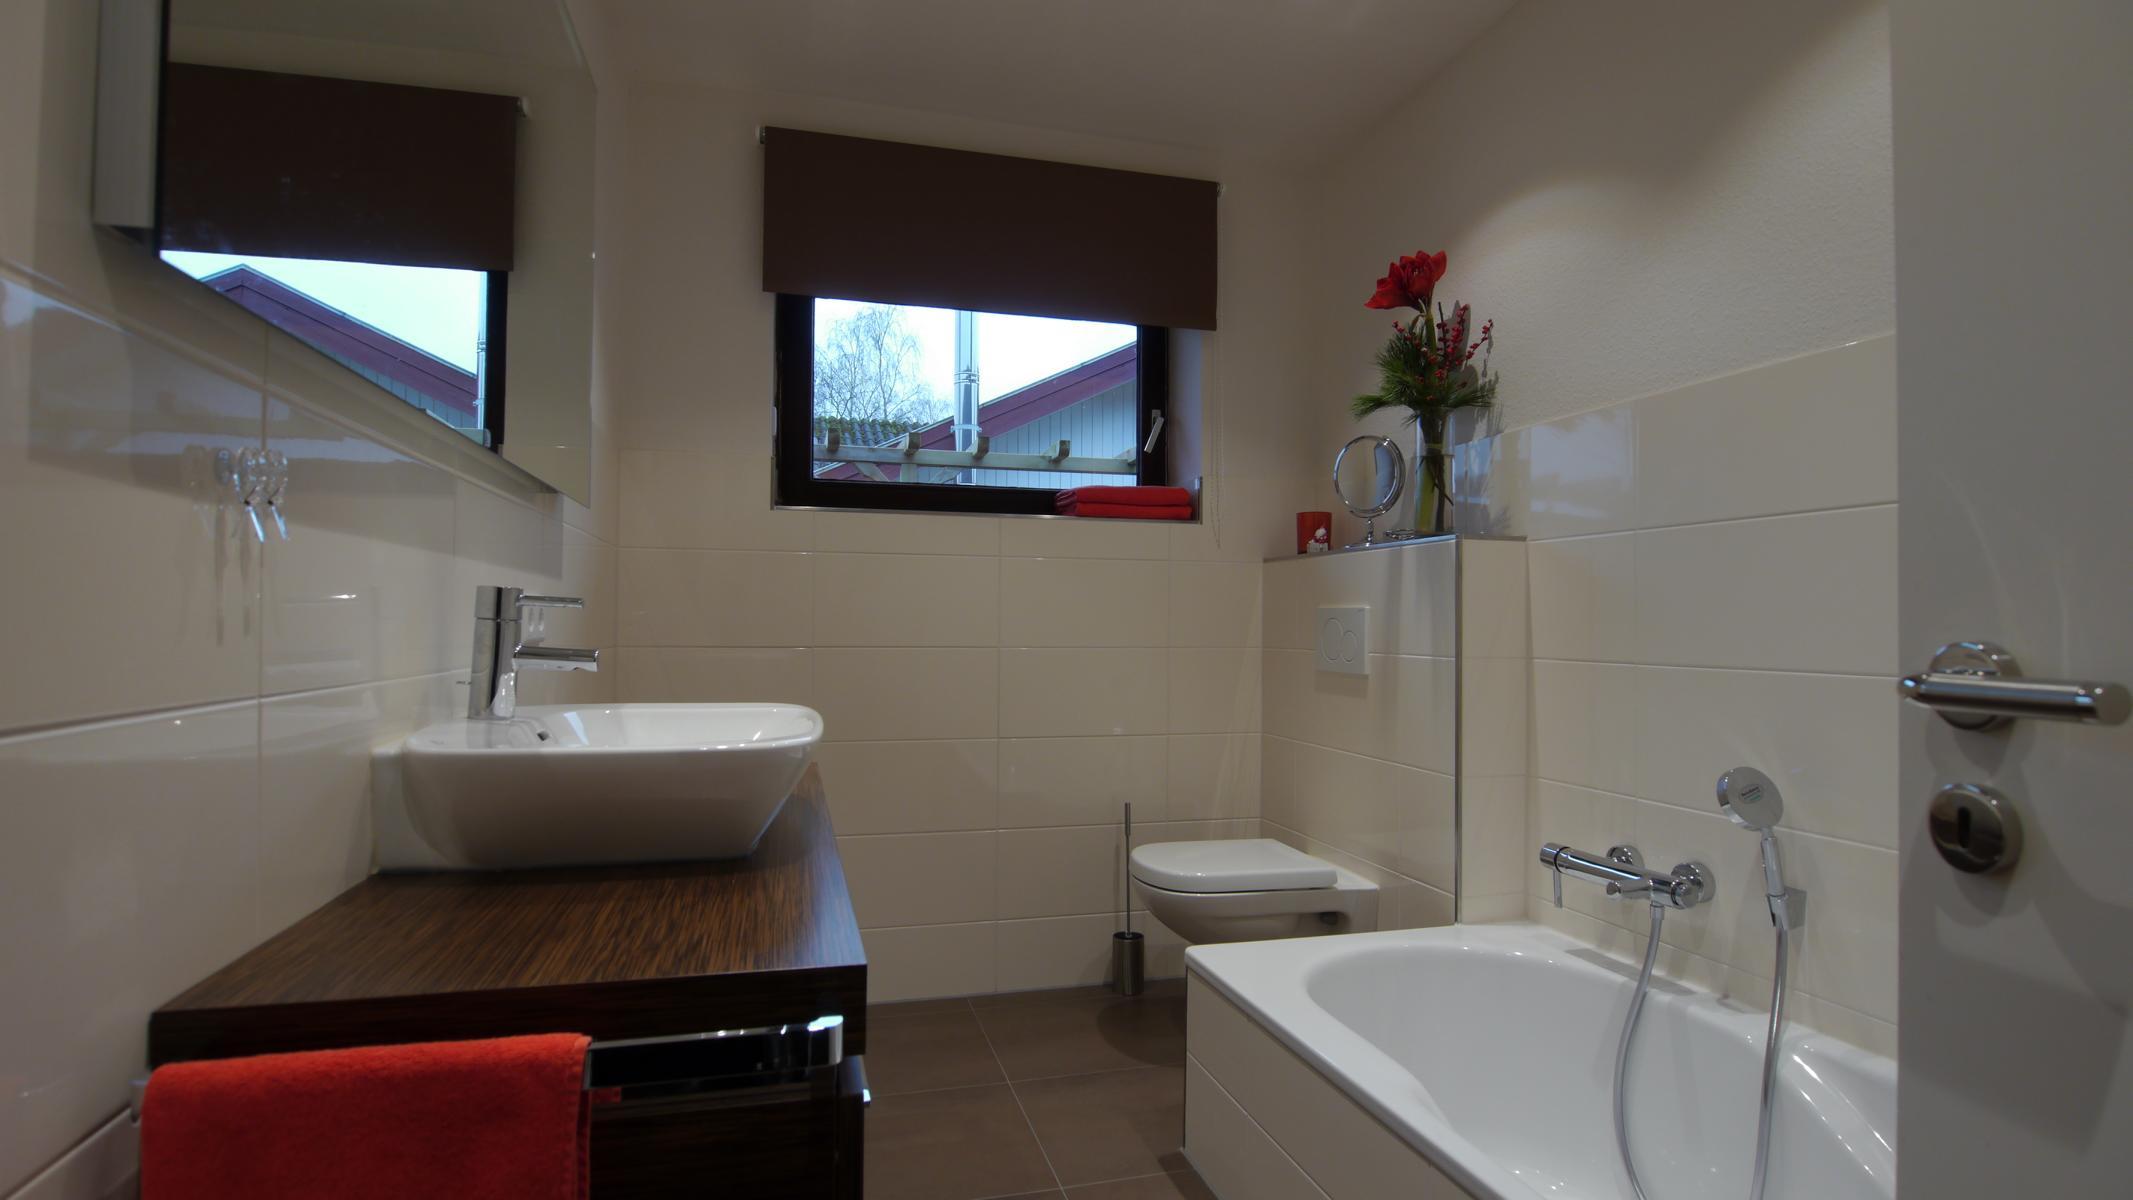 Badezimmer mit regendusche ferienhaus familientreff ostsee - Badezimmer zonen ...